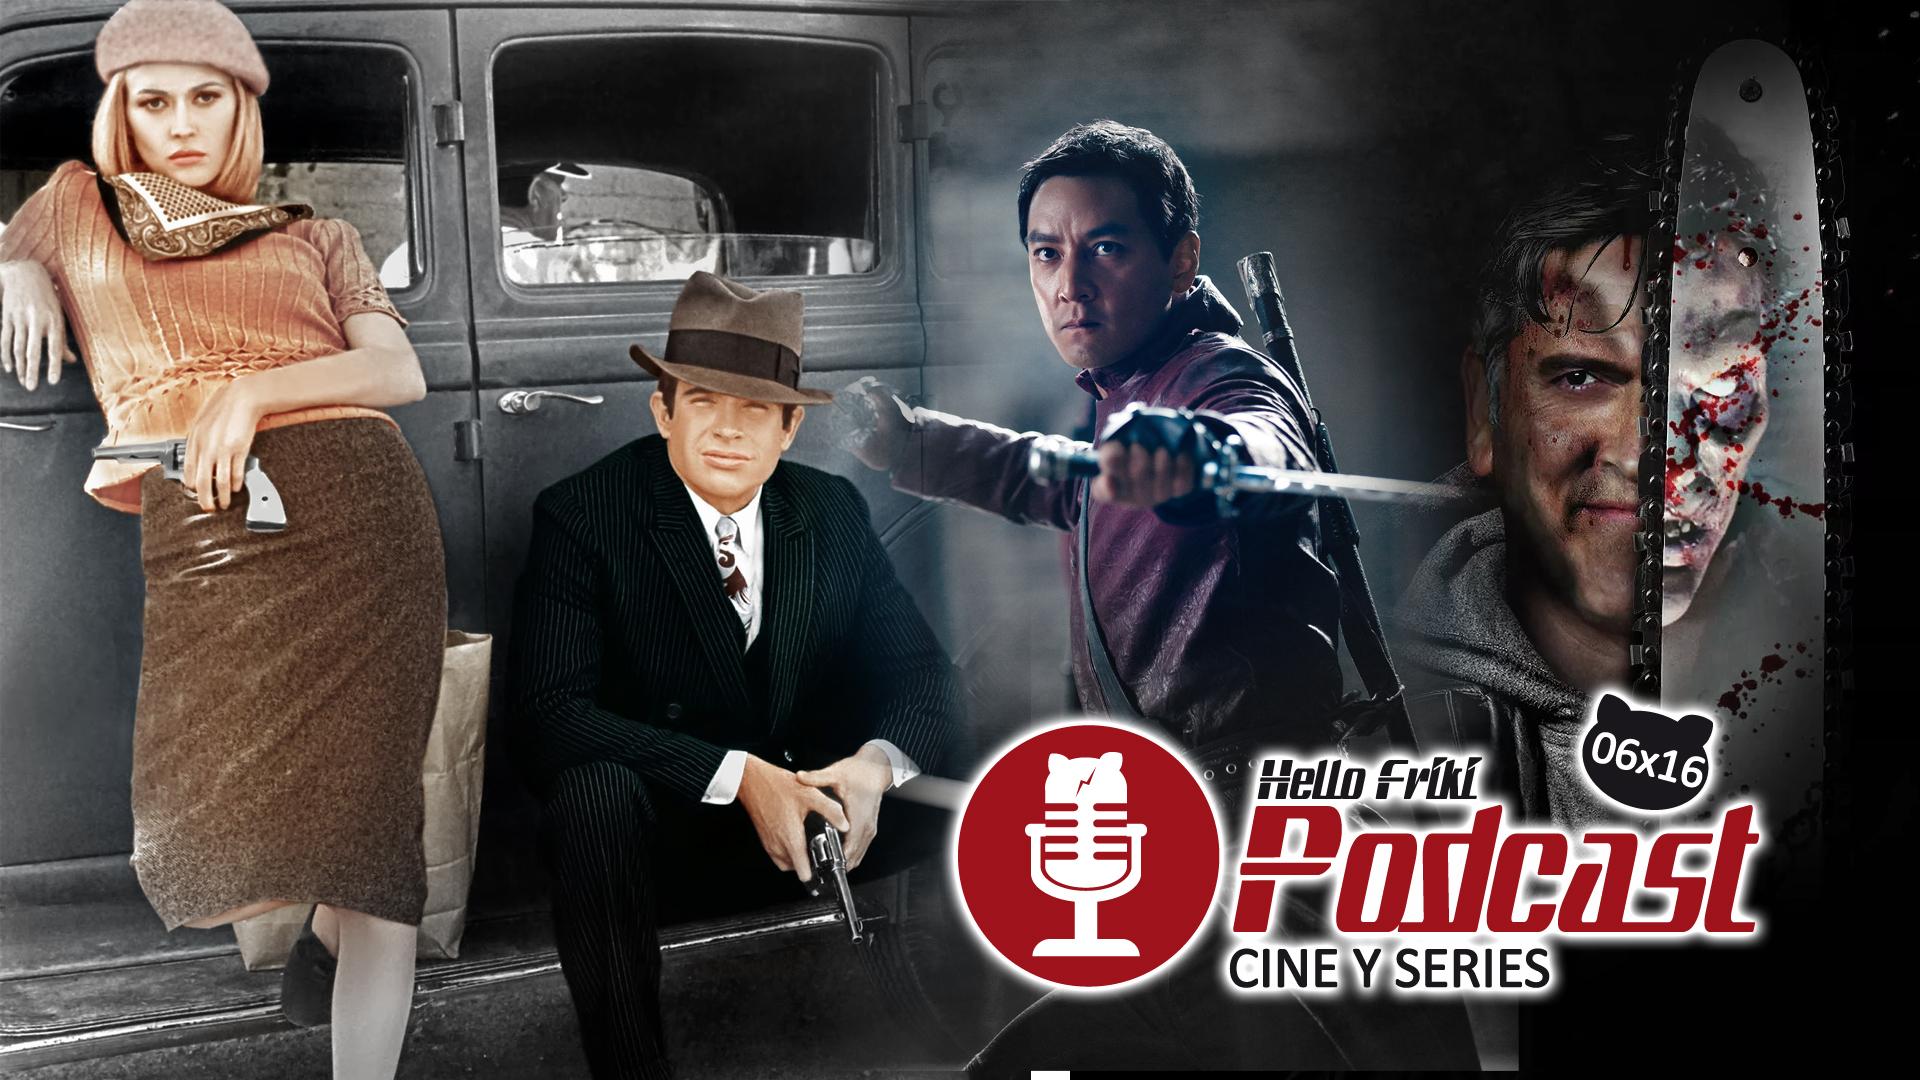 HF 6x16 Cine y Series: Bonnie y Clyde, Ash vs Evil Dead...